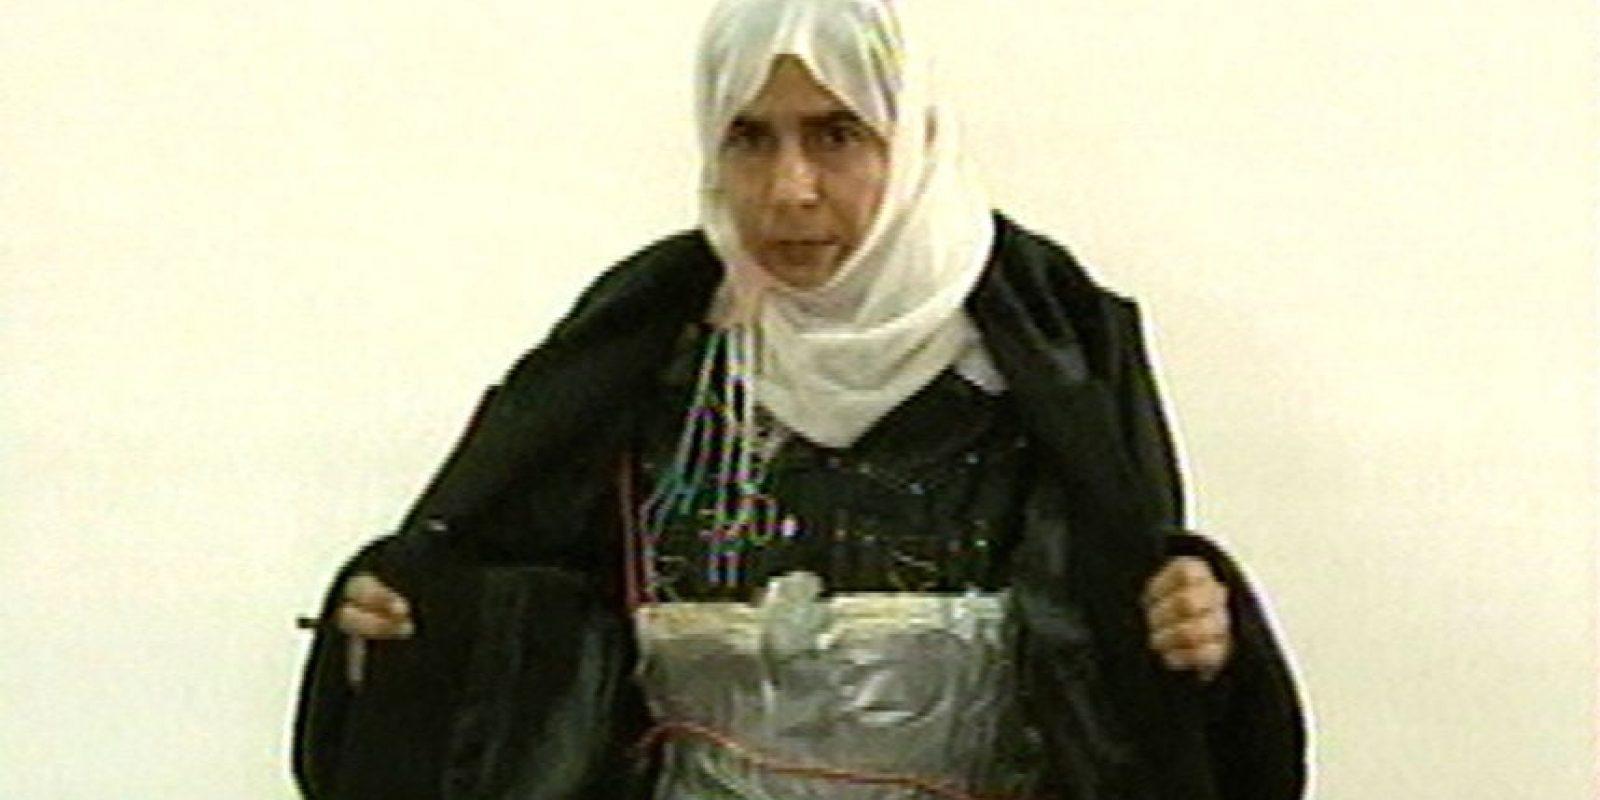 La mujer fue arrestada en Jordania en 2005. Foto:AP